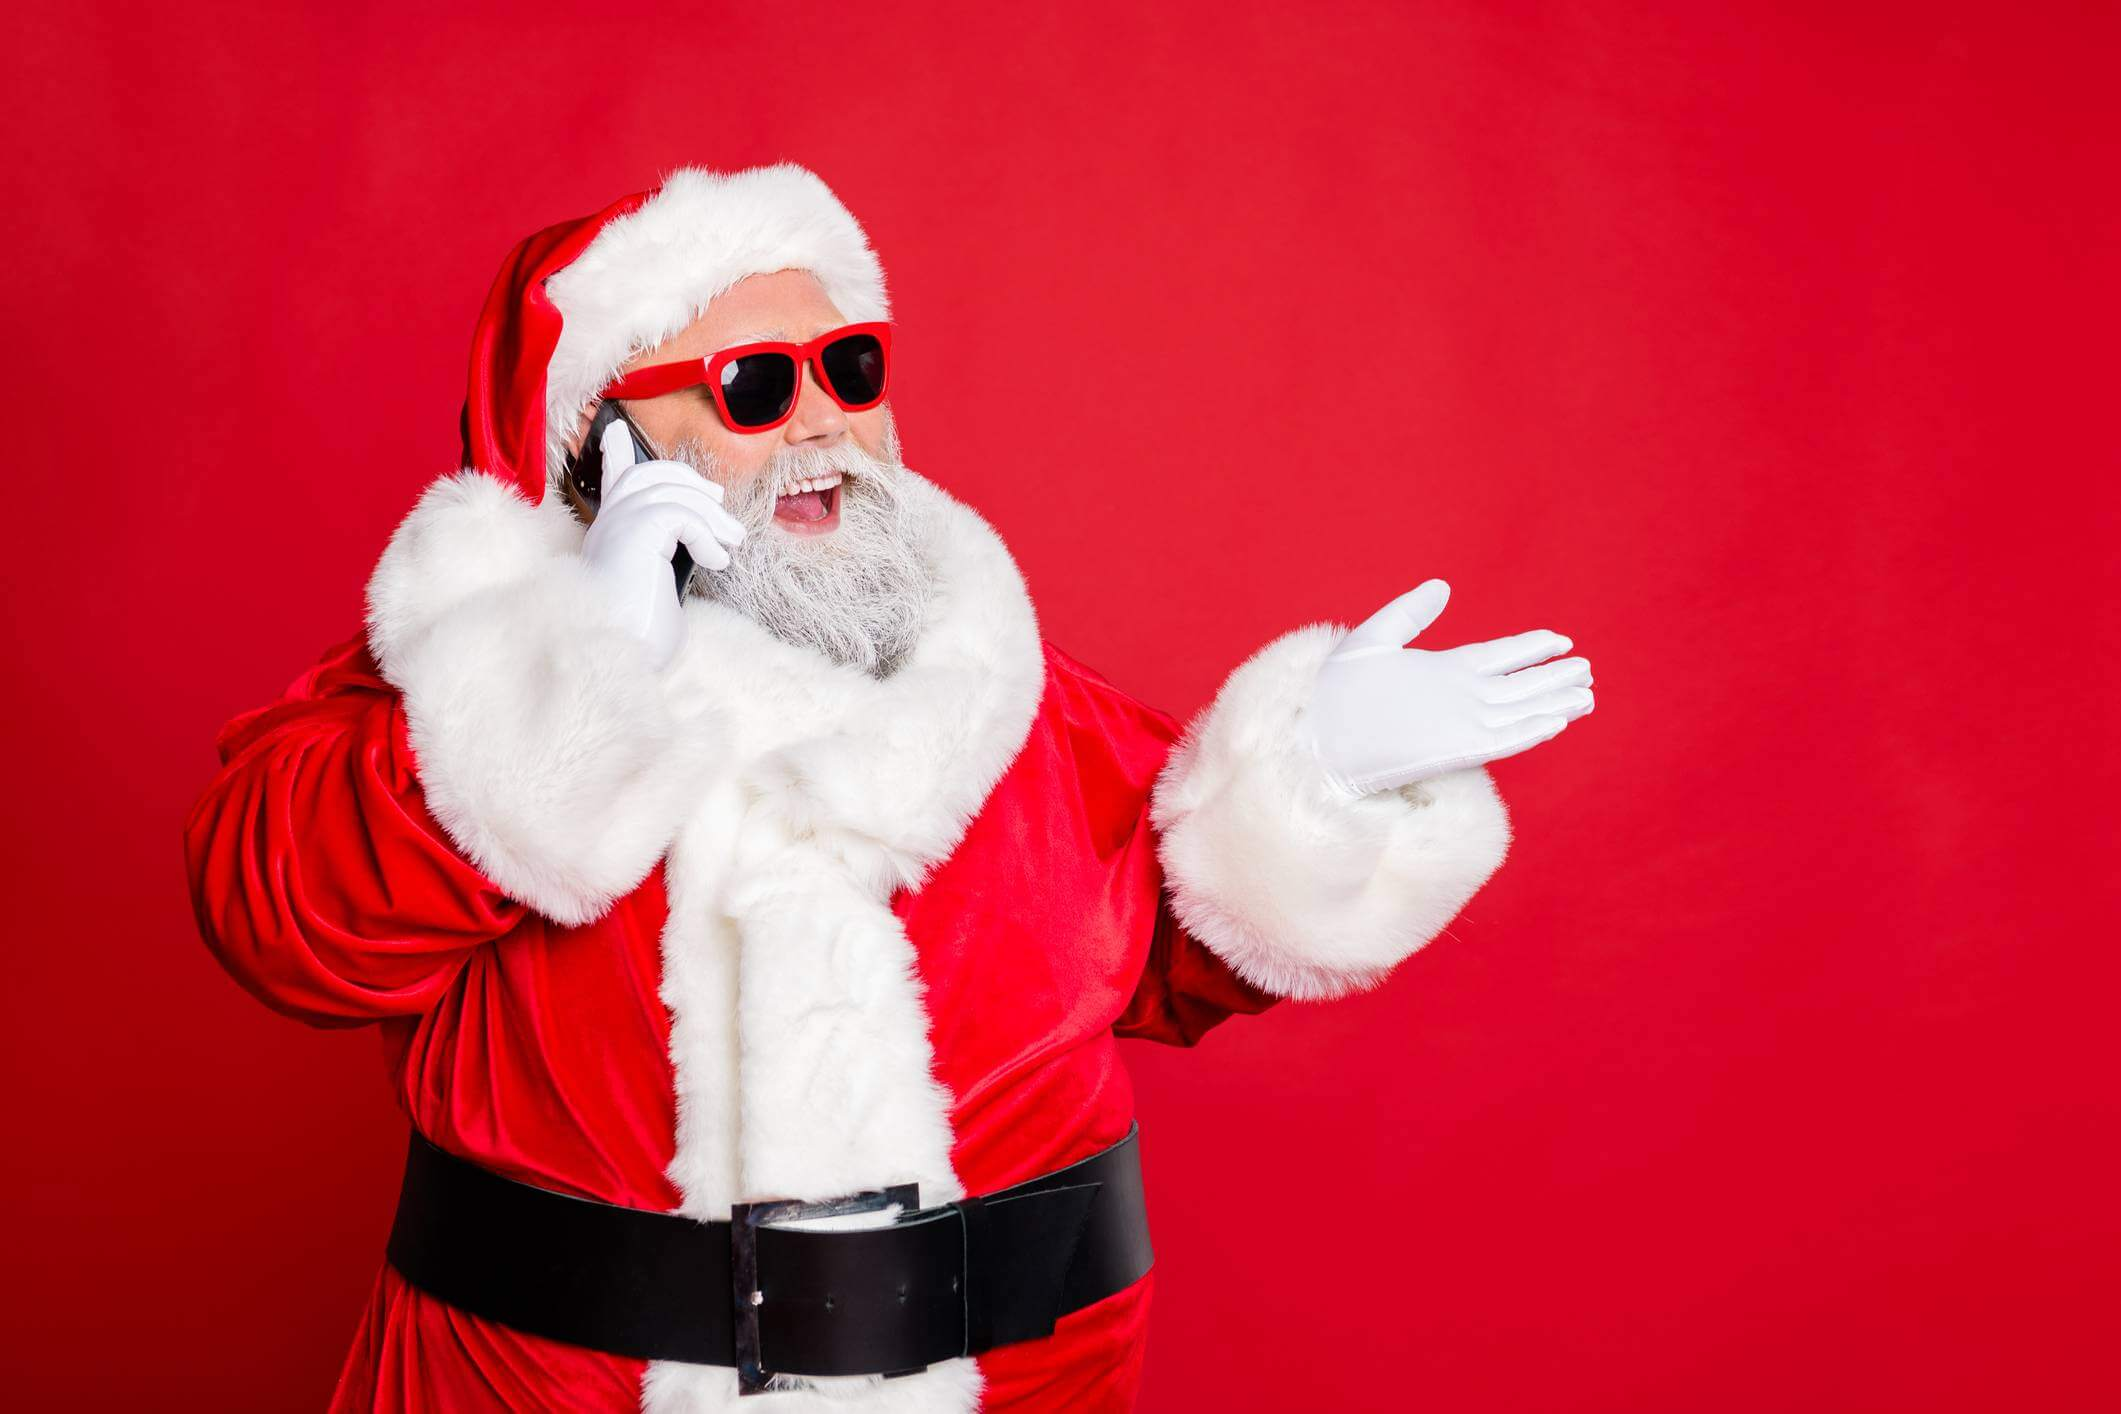 Papai Noel: Confira algumas curiosidades sobre o bom velhinho